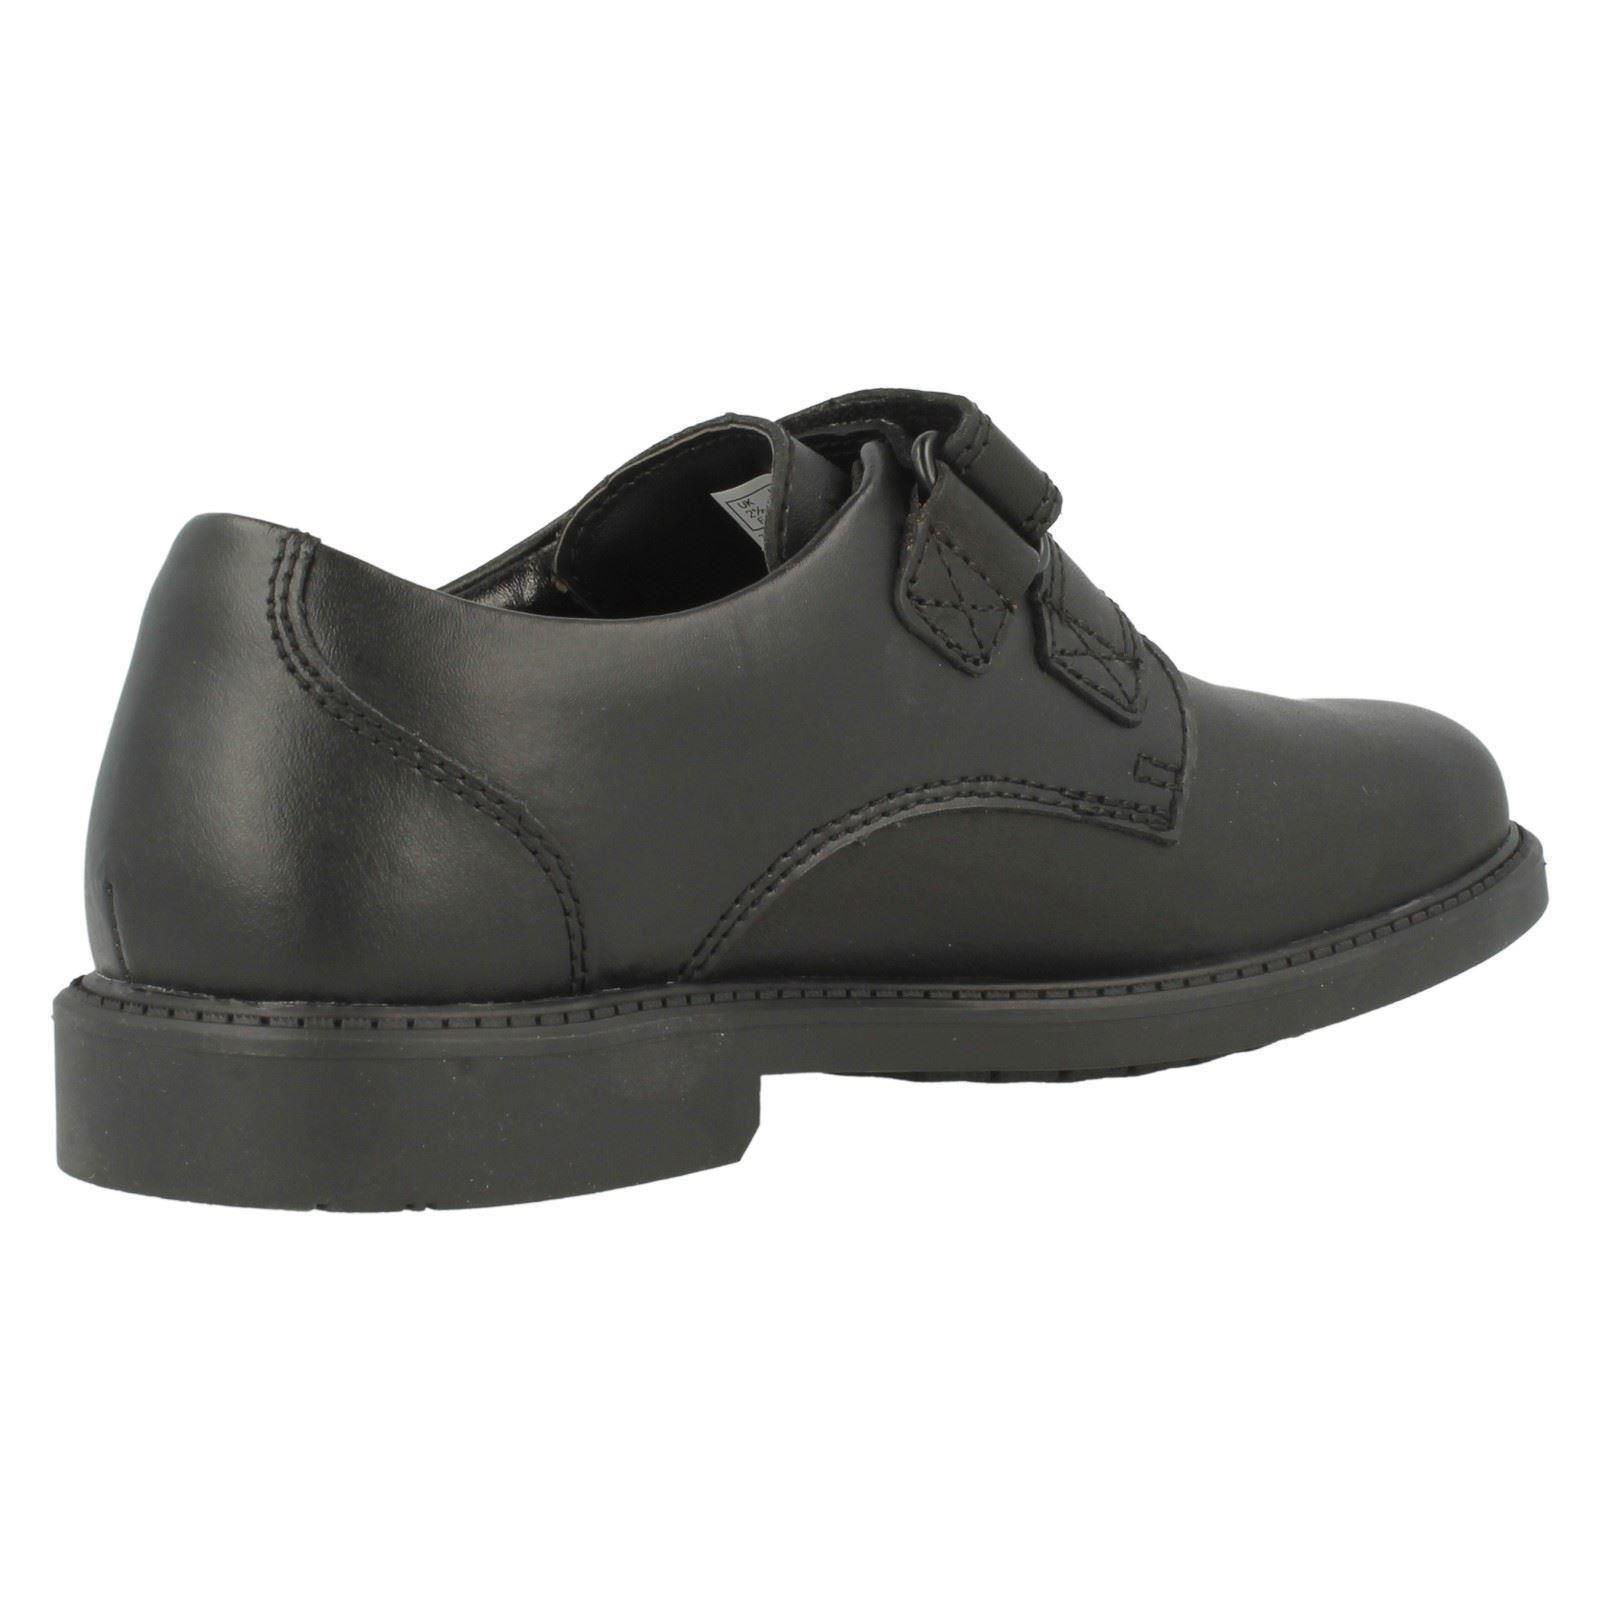 Chicos Clarks Zapatos Escolares estilo Deon